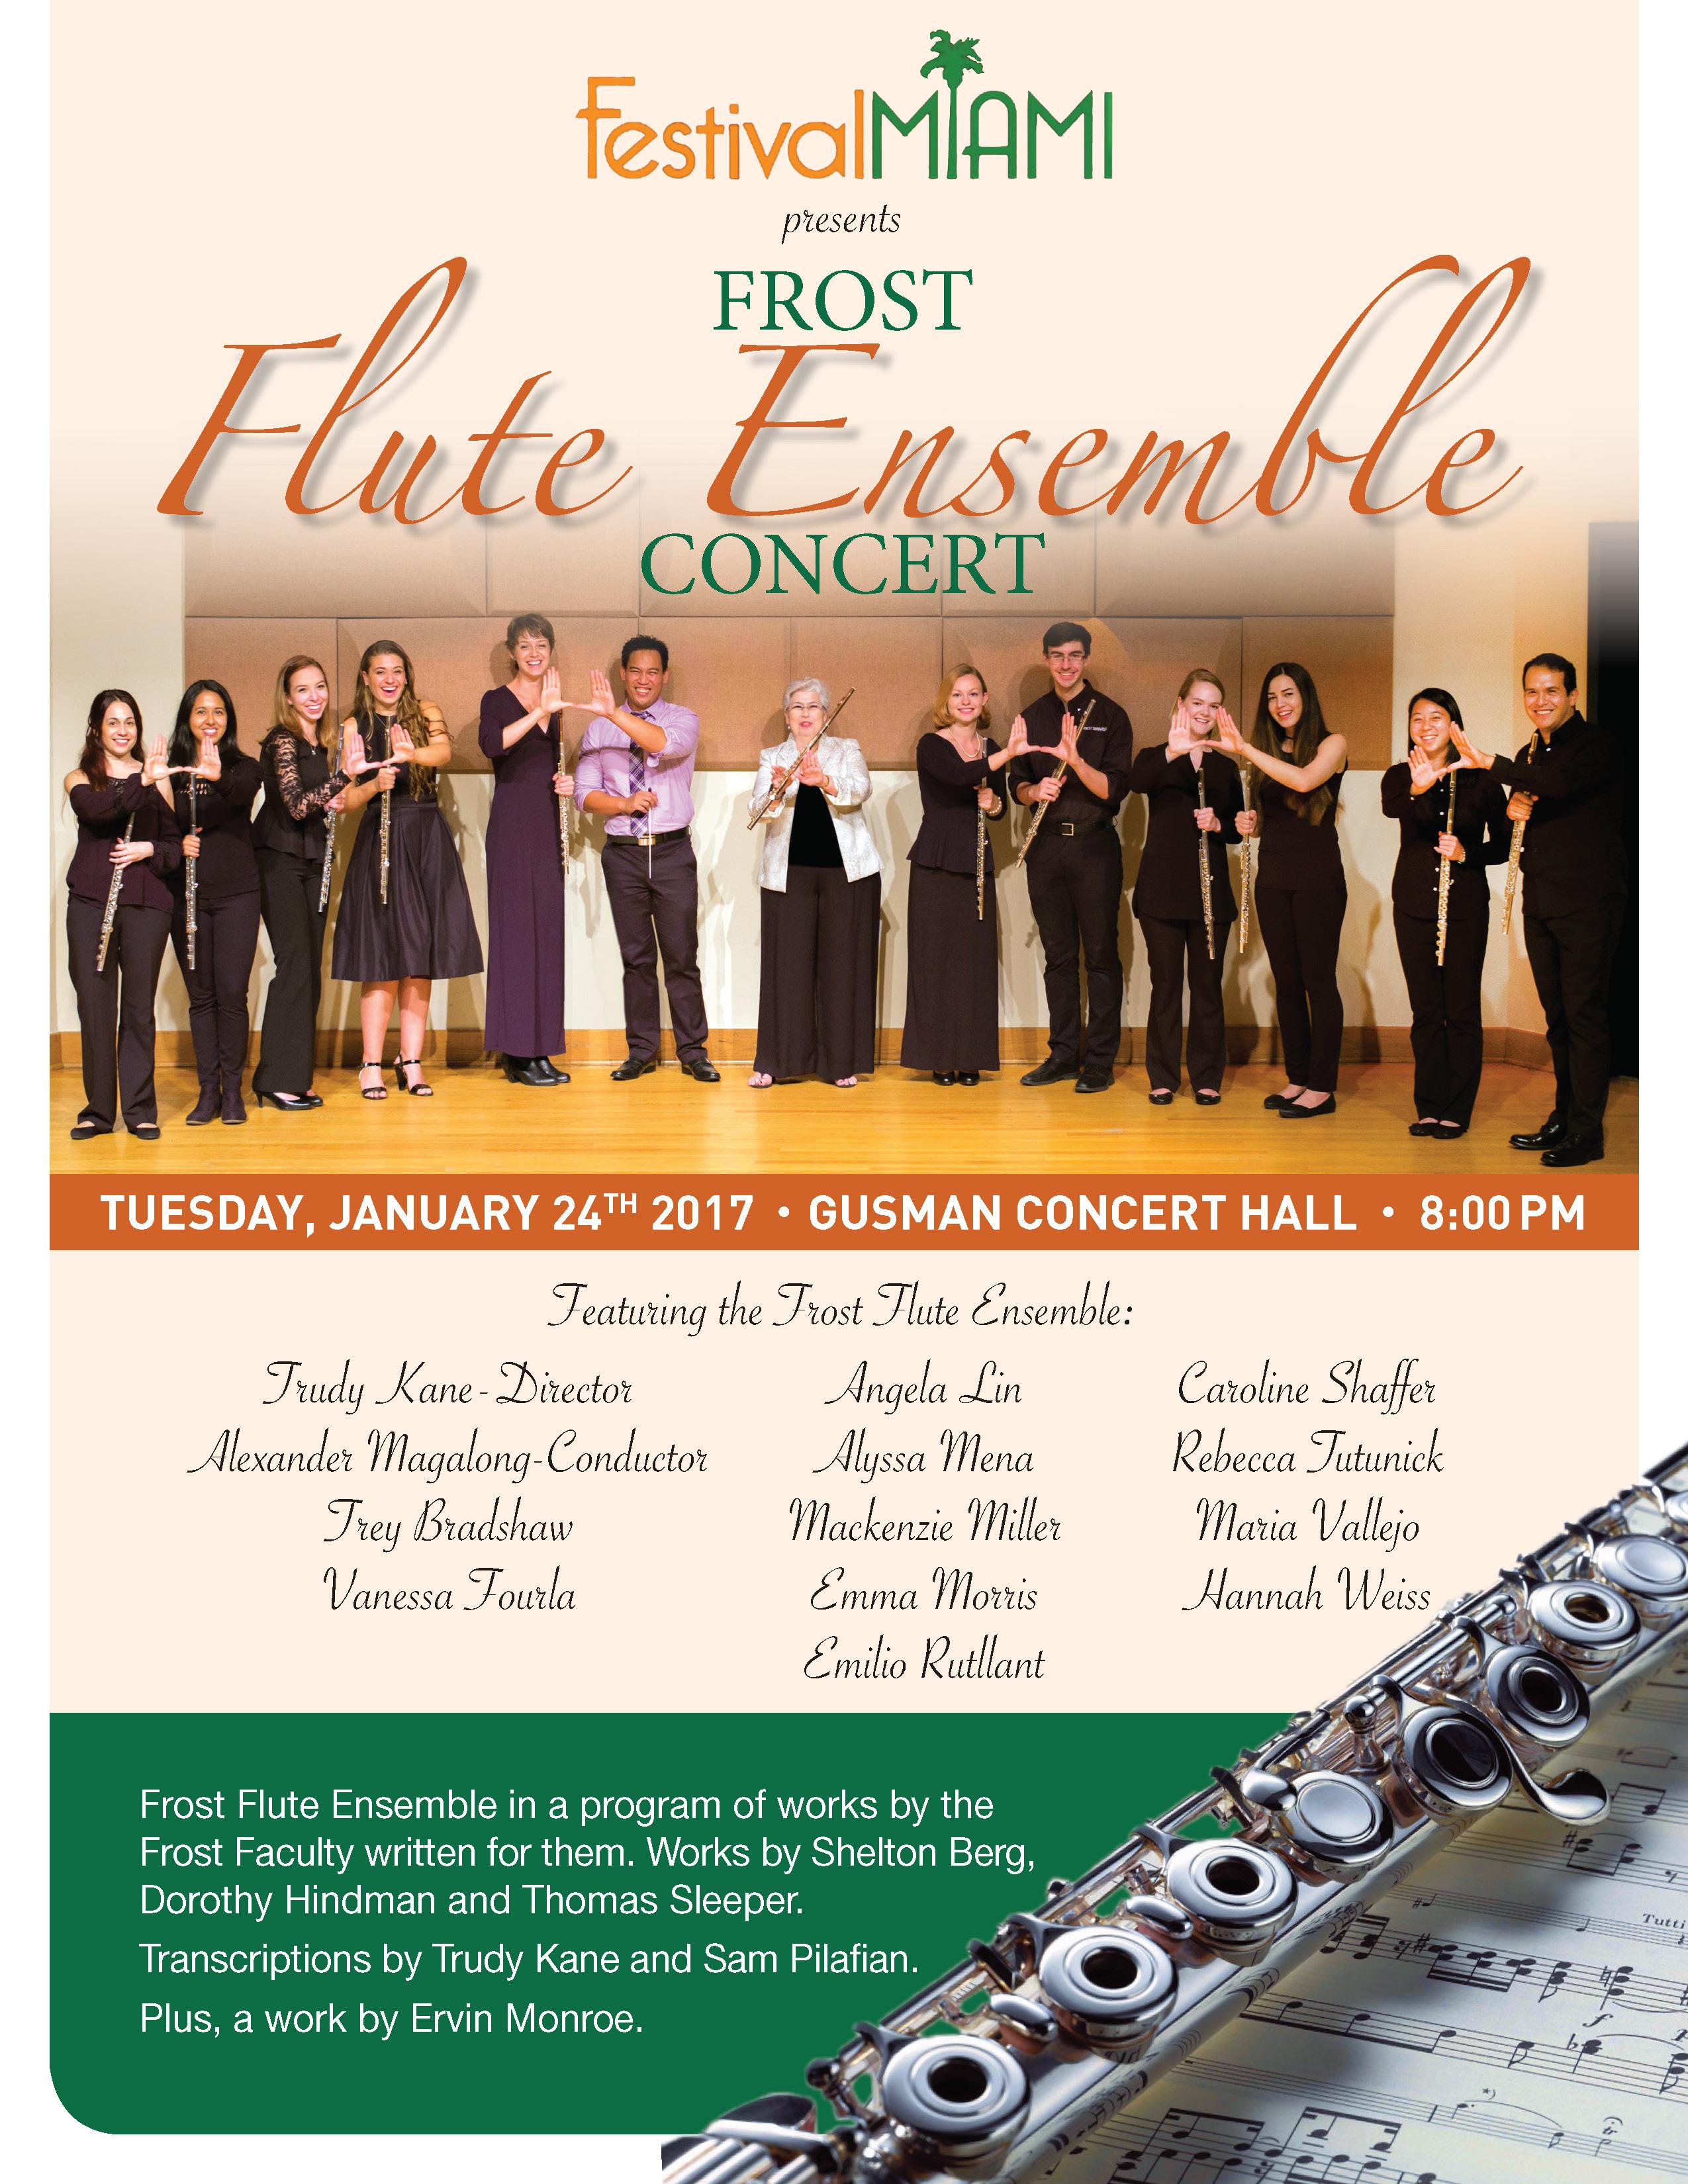 Flute Ensemble